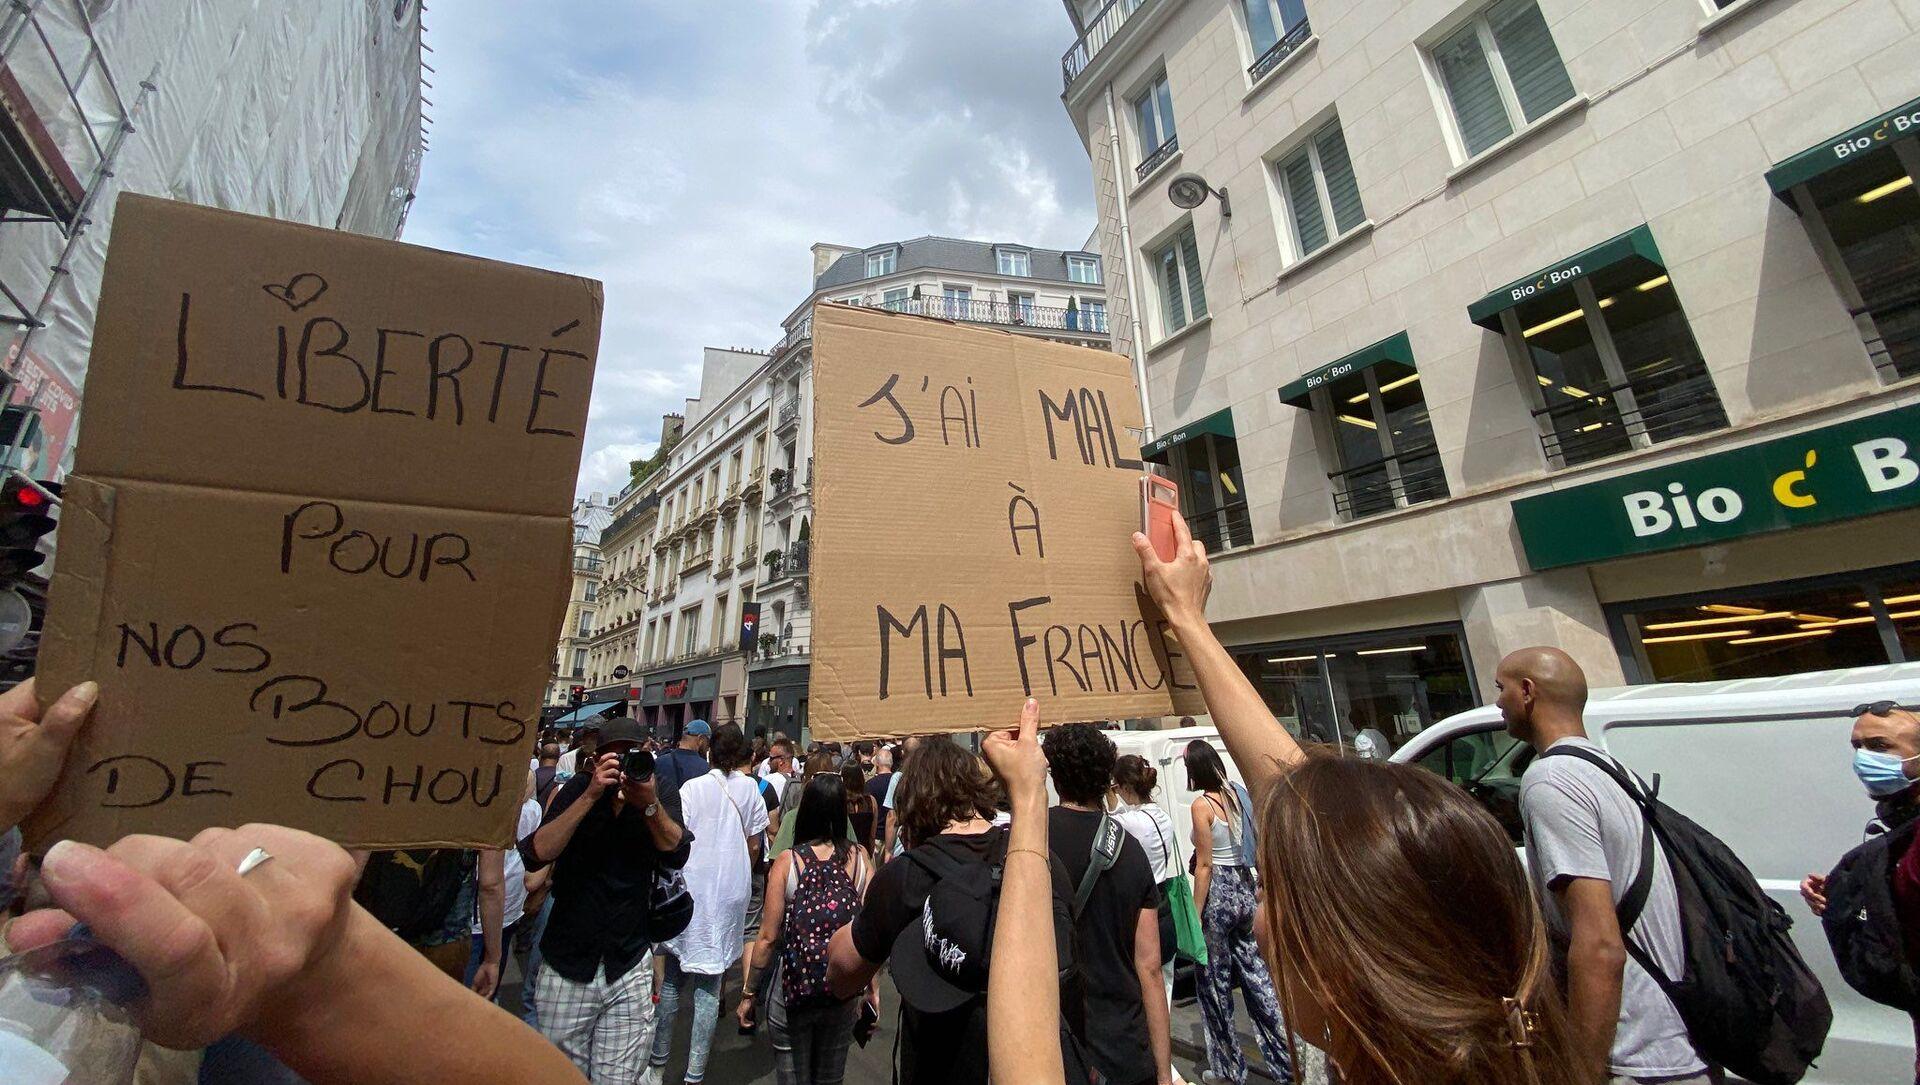 Manifestation contre le pass sanitaire, 24 juillet 2021 - Sputnik France, 1920, 26.07.2021